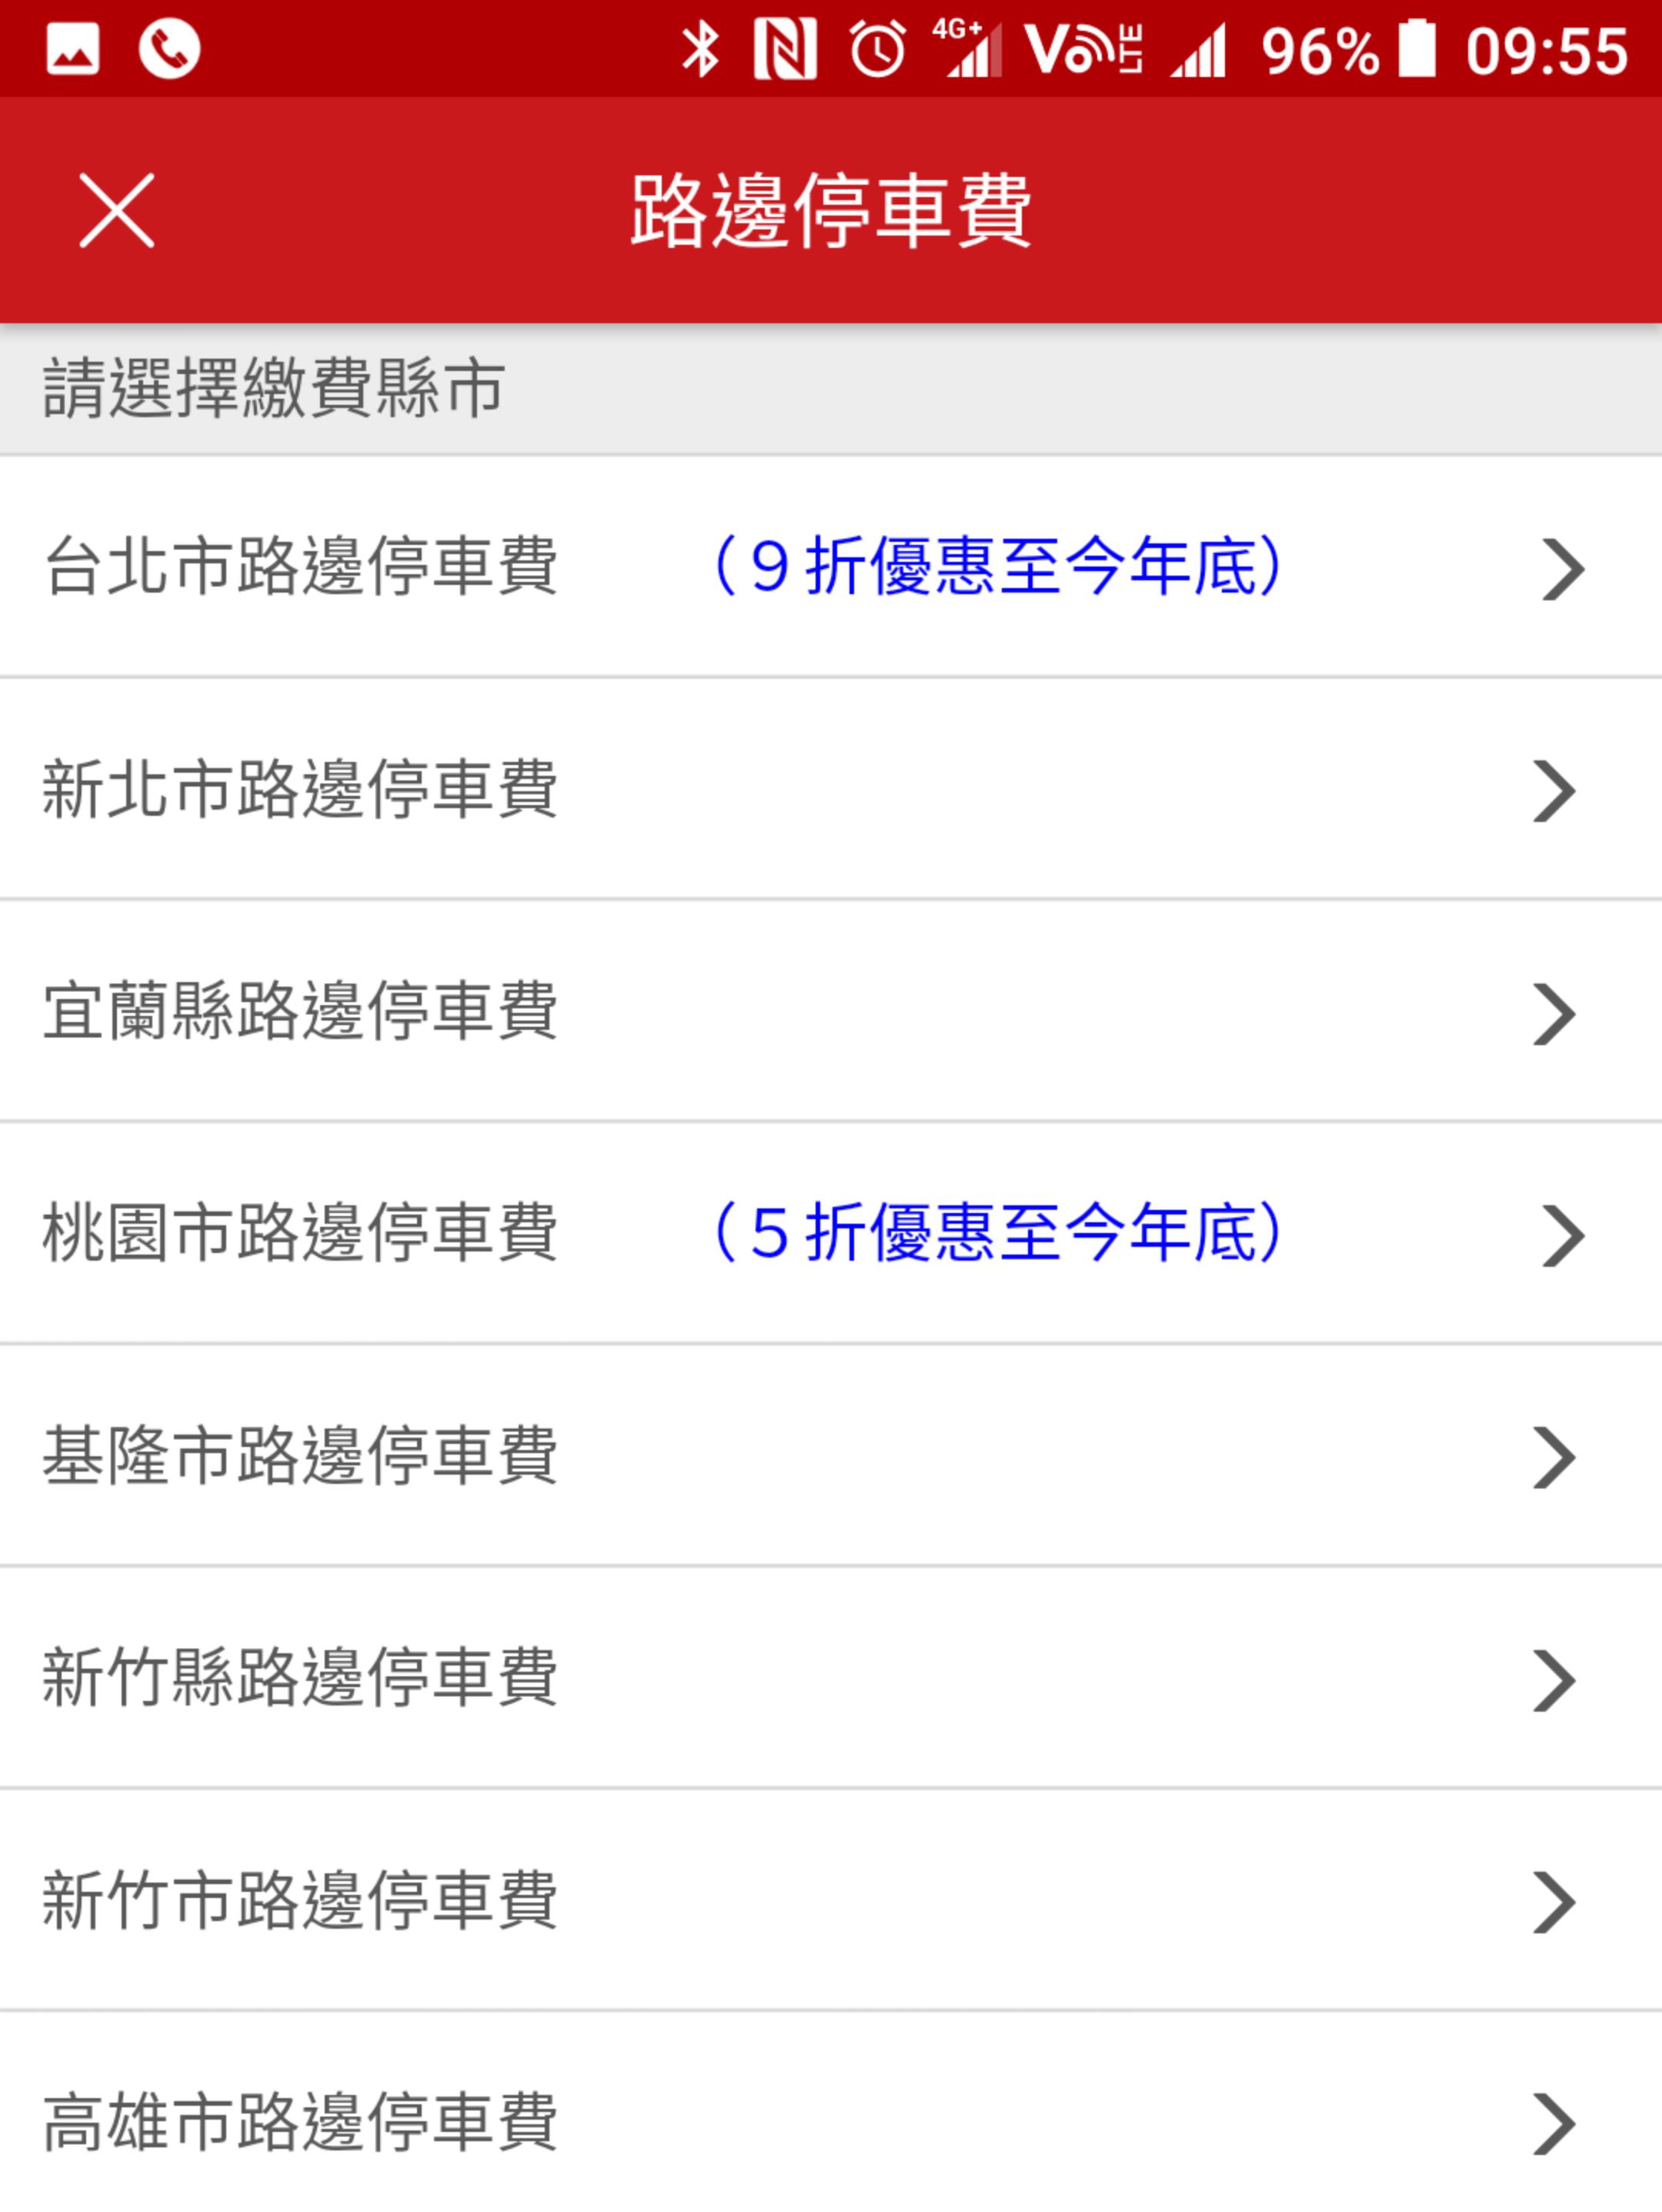 「手機應用」行動支付新選擇「街口支付」實際使用分享 - 11